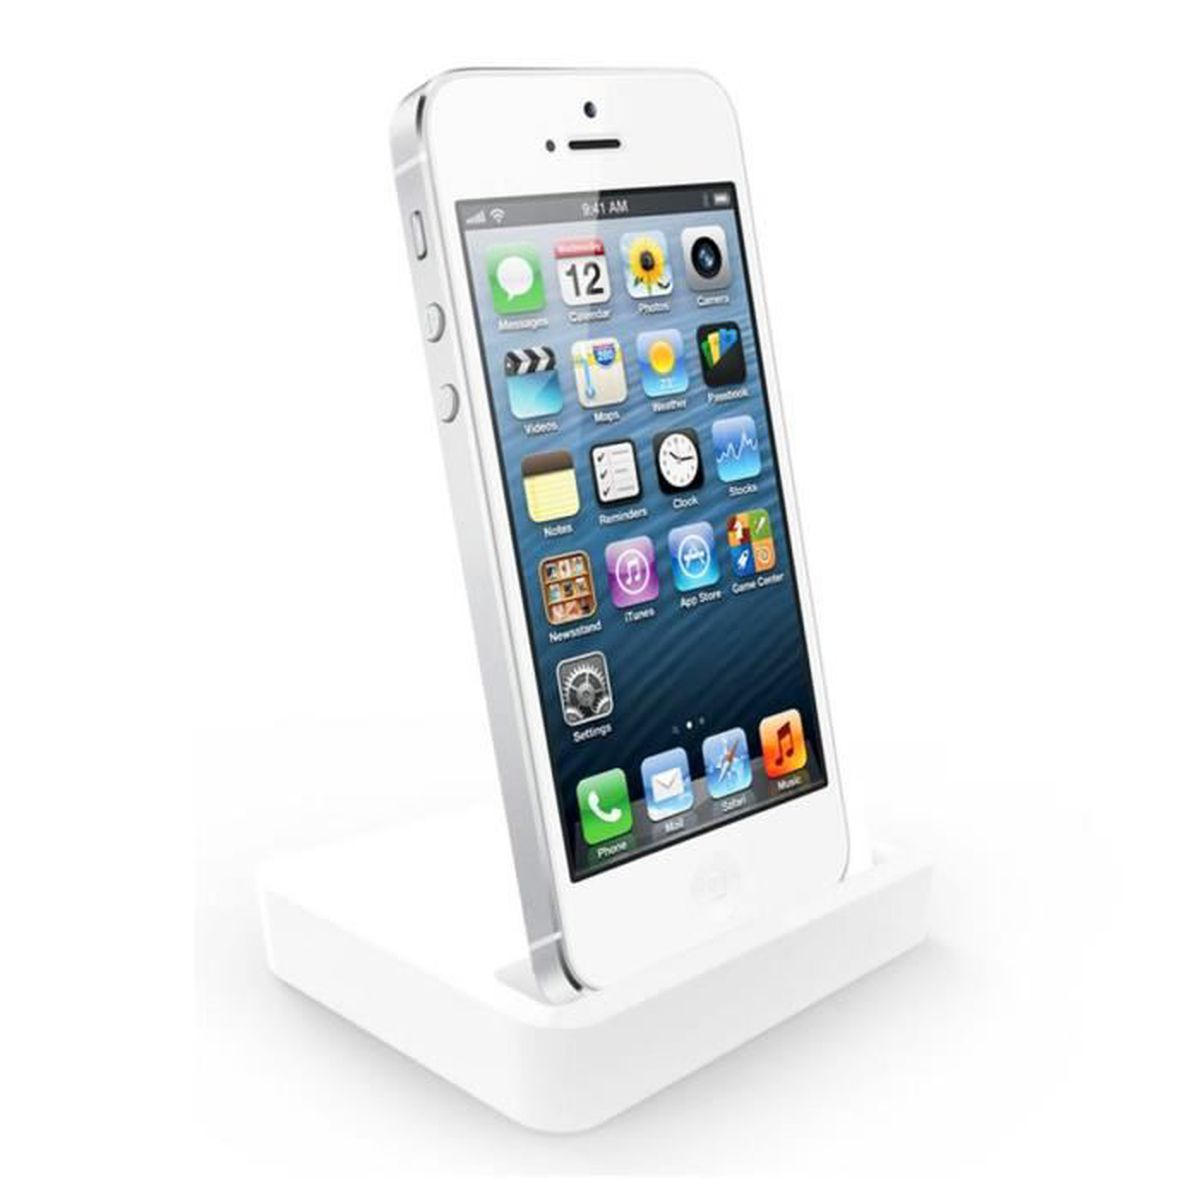 Station d?accueil iPhone 5-5s-6 - Blanc - Prix pas cher - Cdiscount